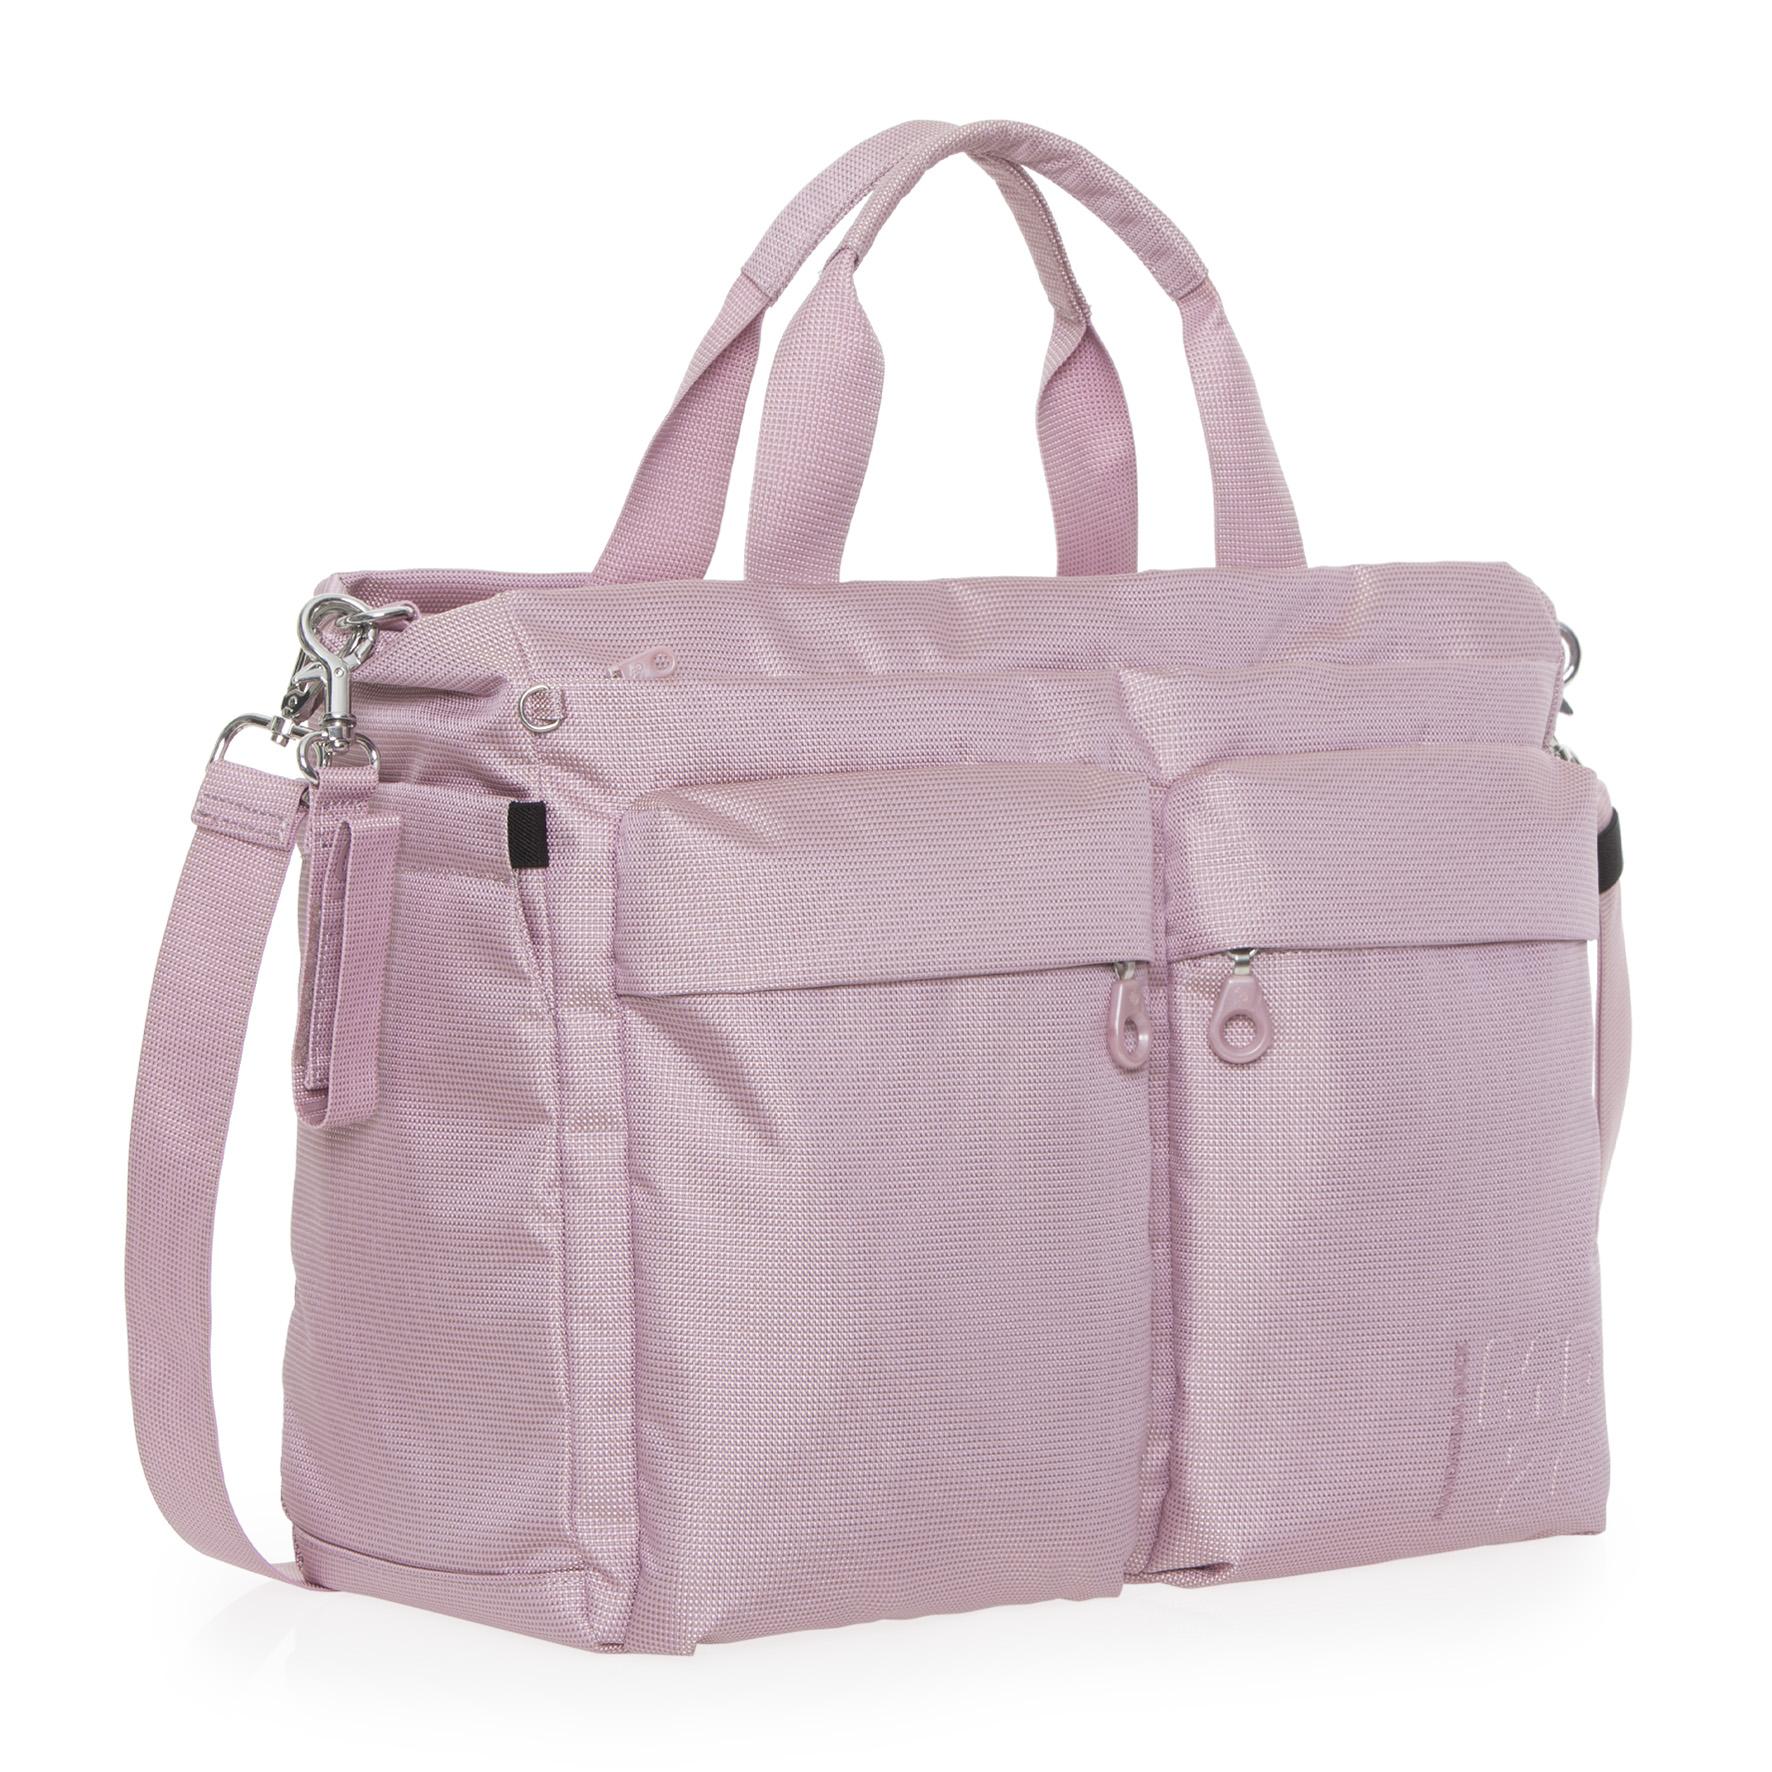 Bolsa para bebés MD20 rosa